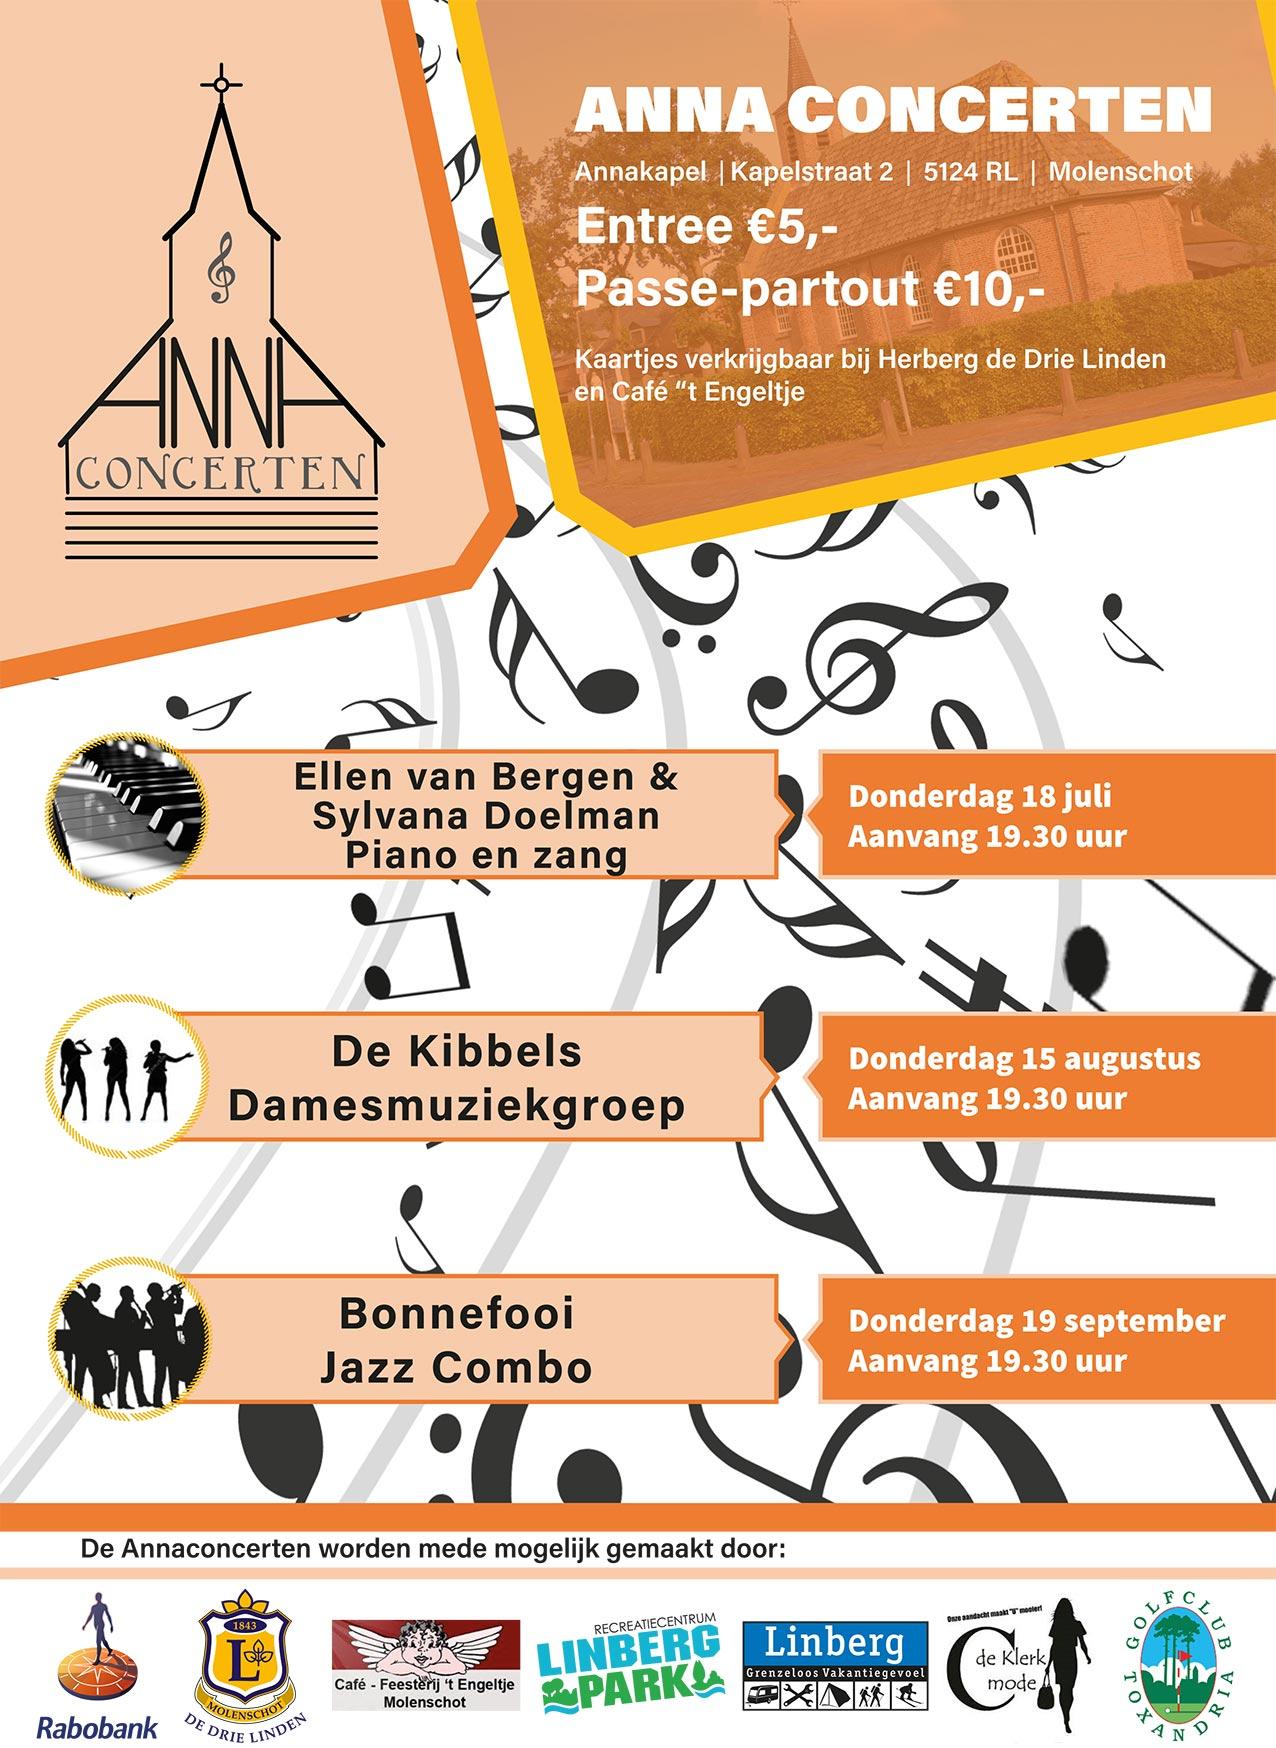 Anna Concerten in Molenschot